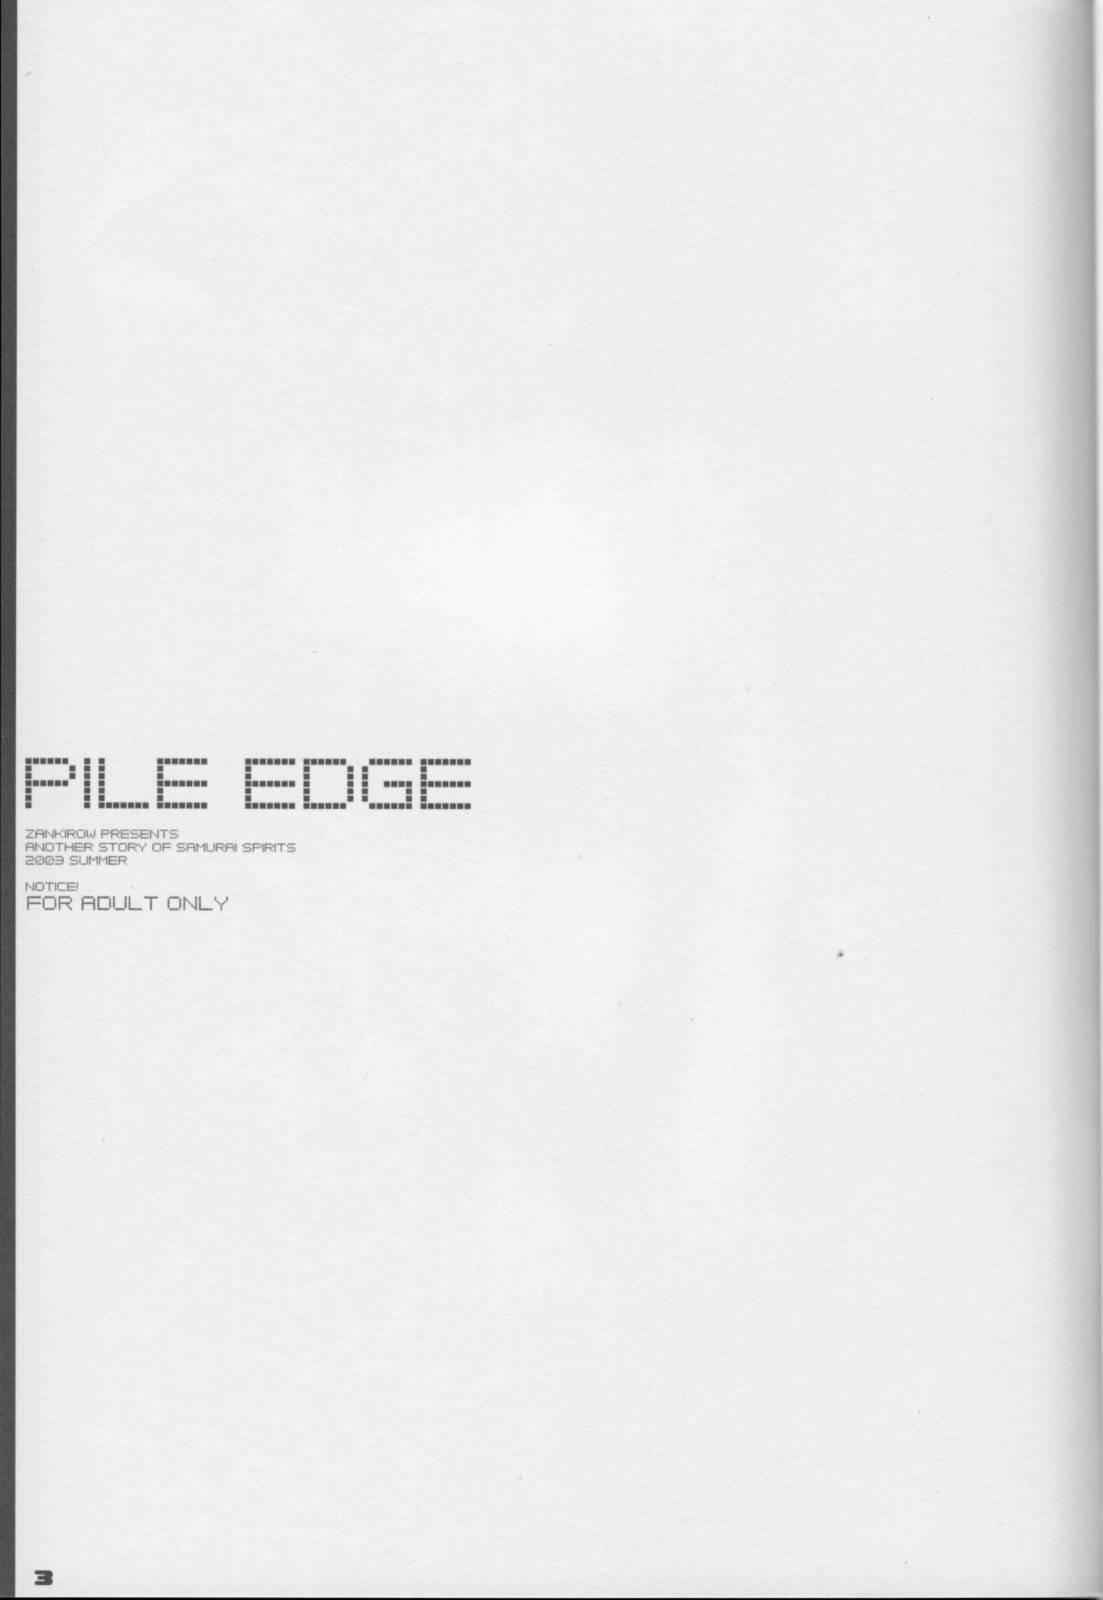 PILE EDGE 0